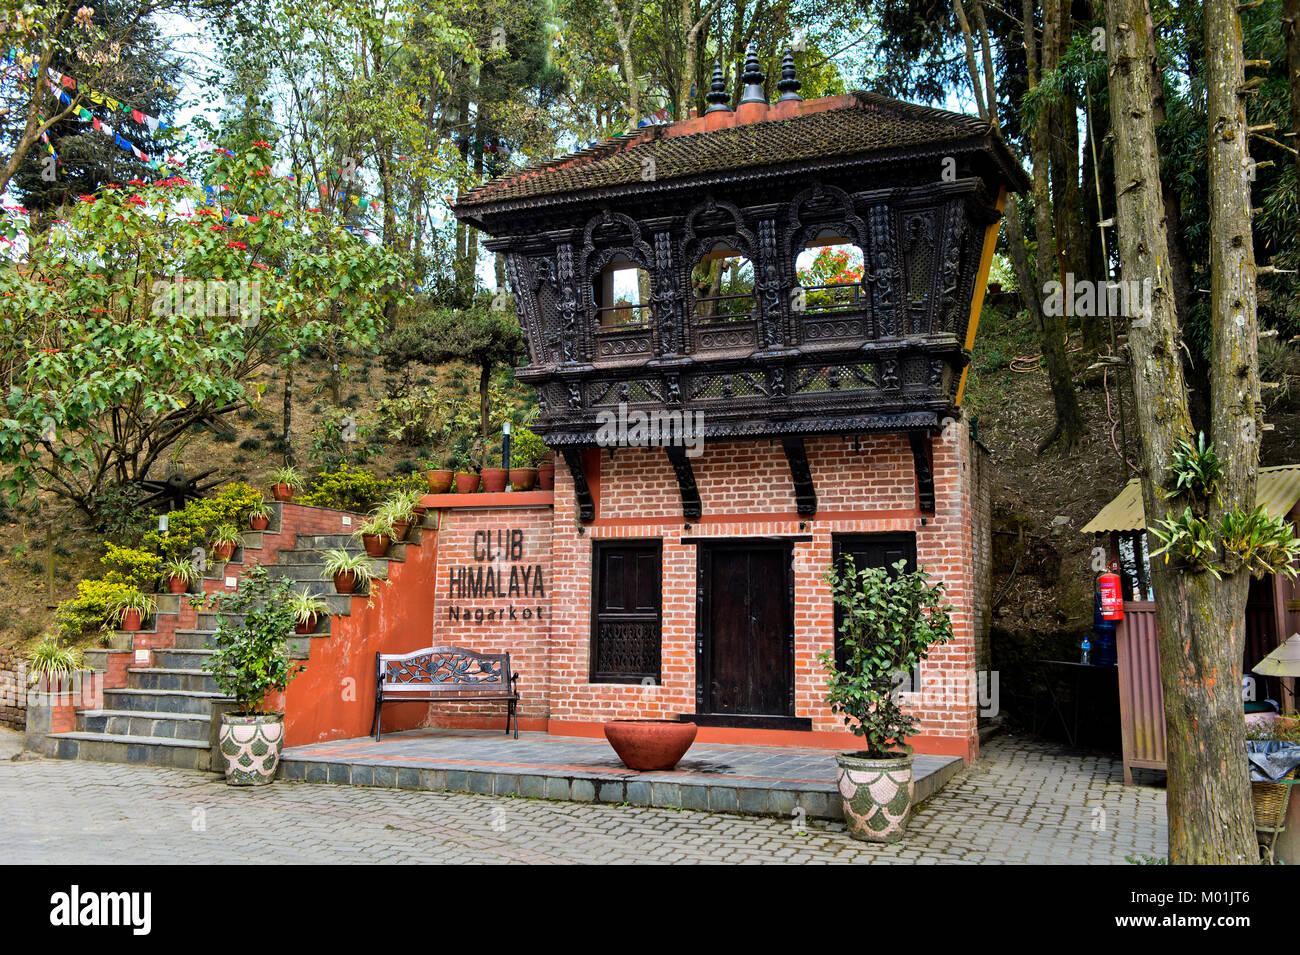 Entrée de l'hôtel, Club Himalaya Nagarkot, Katmandou, Népal Photo Stock